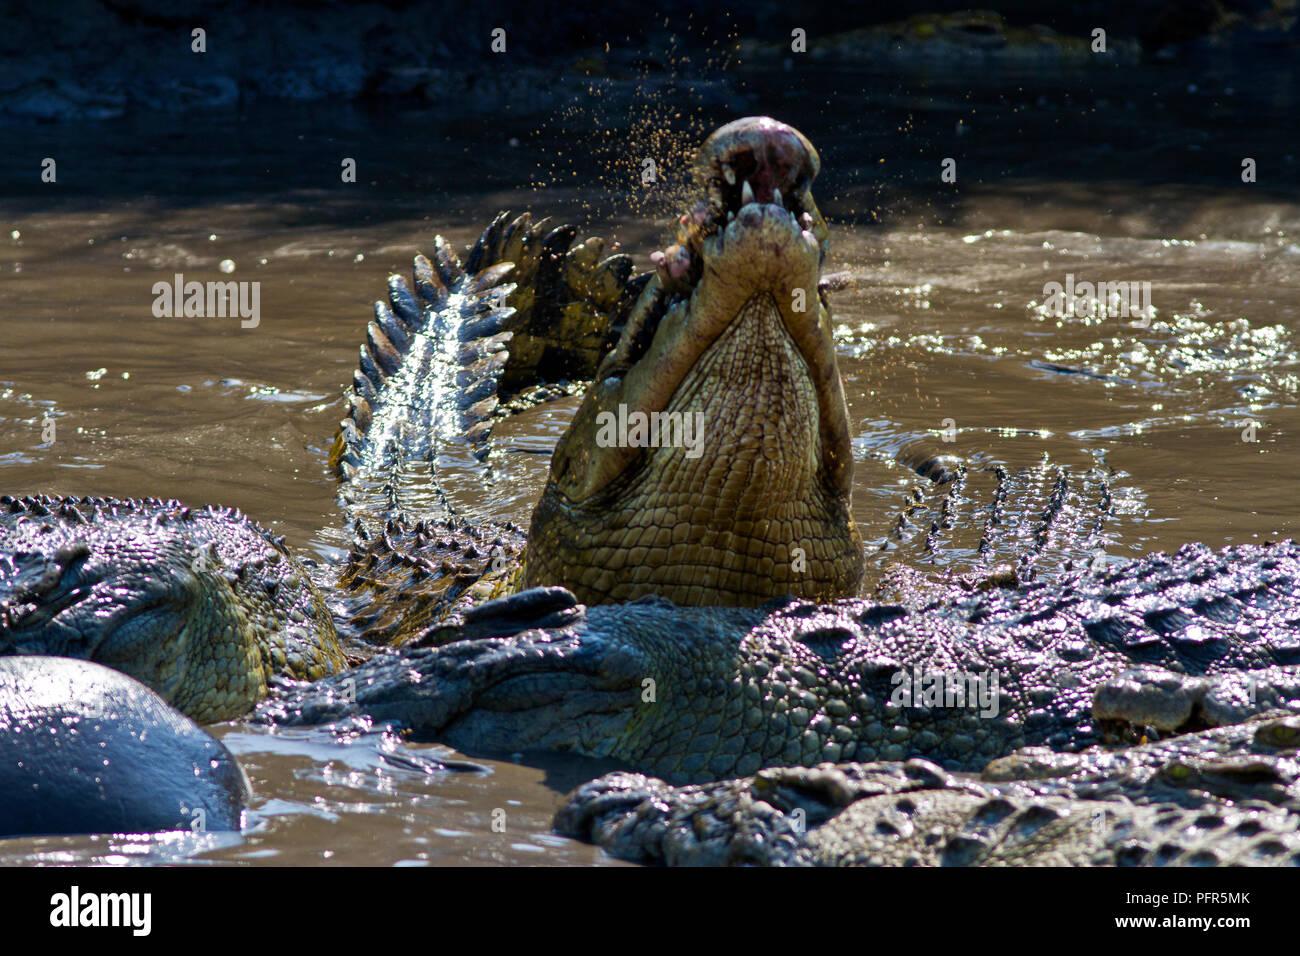 Große Krokodile fest aus den Überresten eines toten Hippo. Jede große Krokodil Schwalben massiven Brocken Fleisch, Fell und Knochen, die ihren super-efficien Stockbild